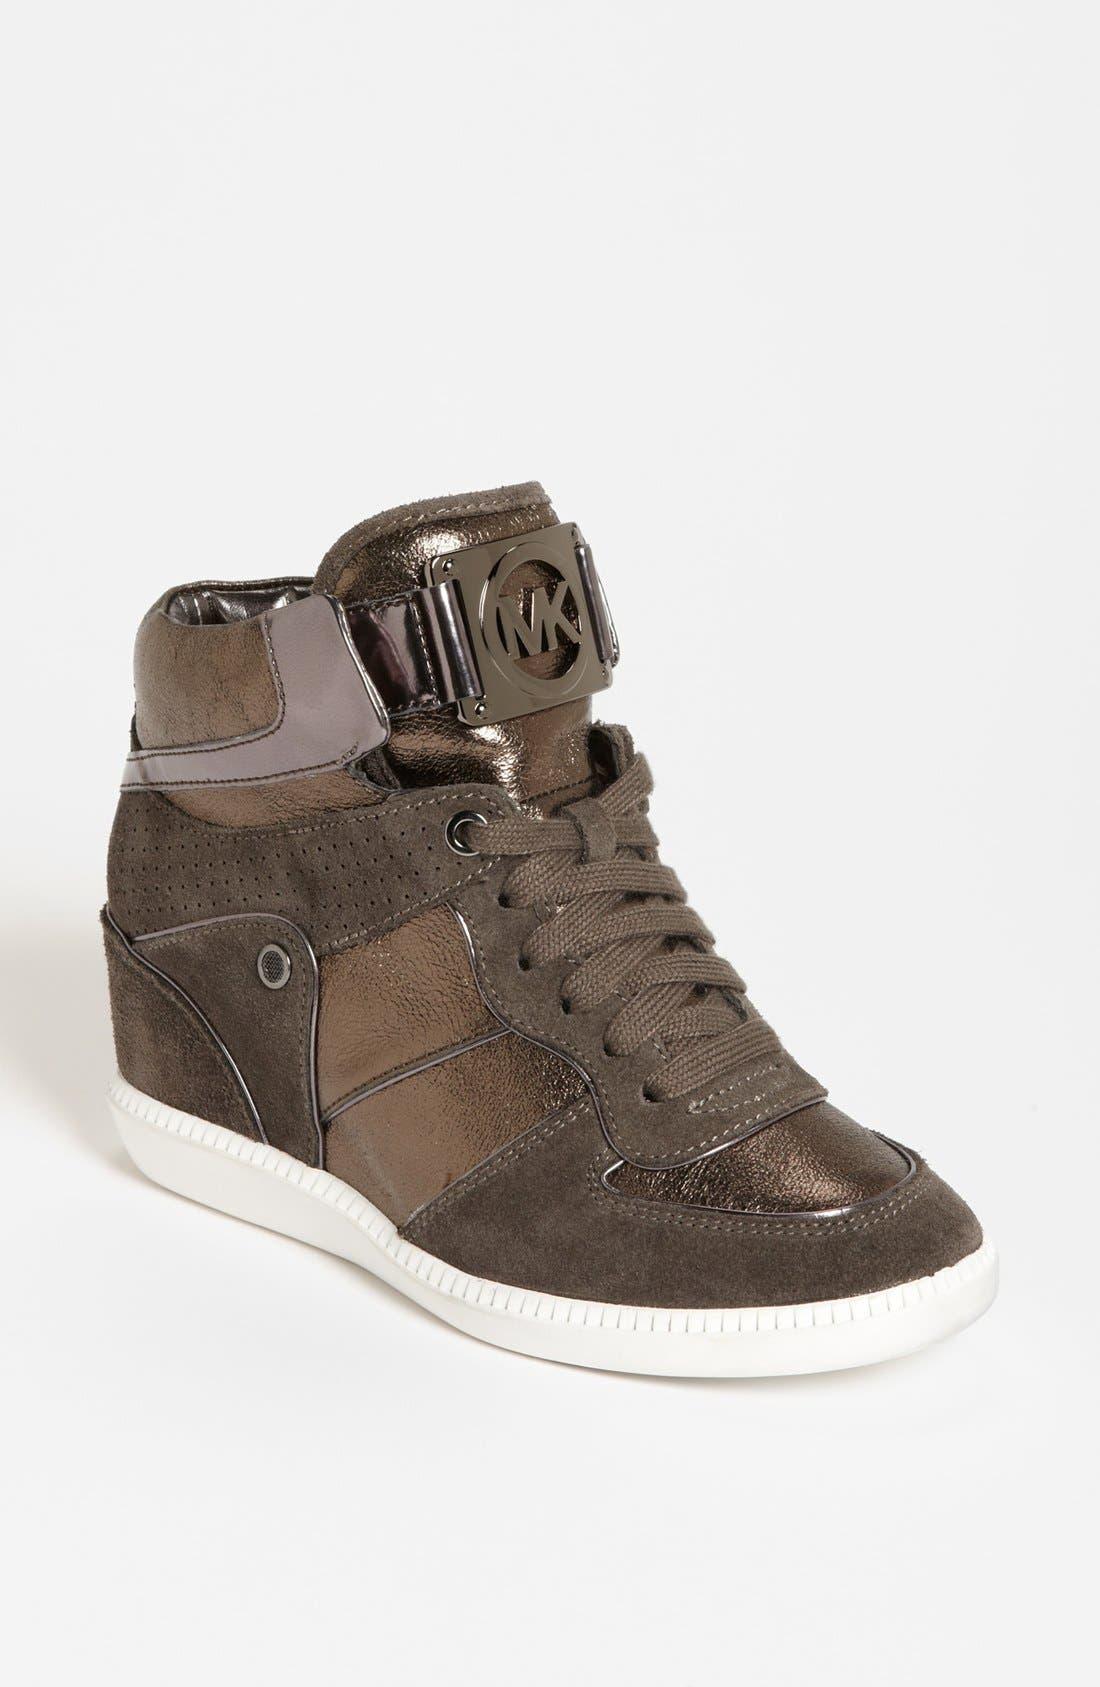 Alternate Image 1 Selected - MICHAEL Michael Kors 'Nikko' High Top Sneaker